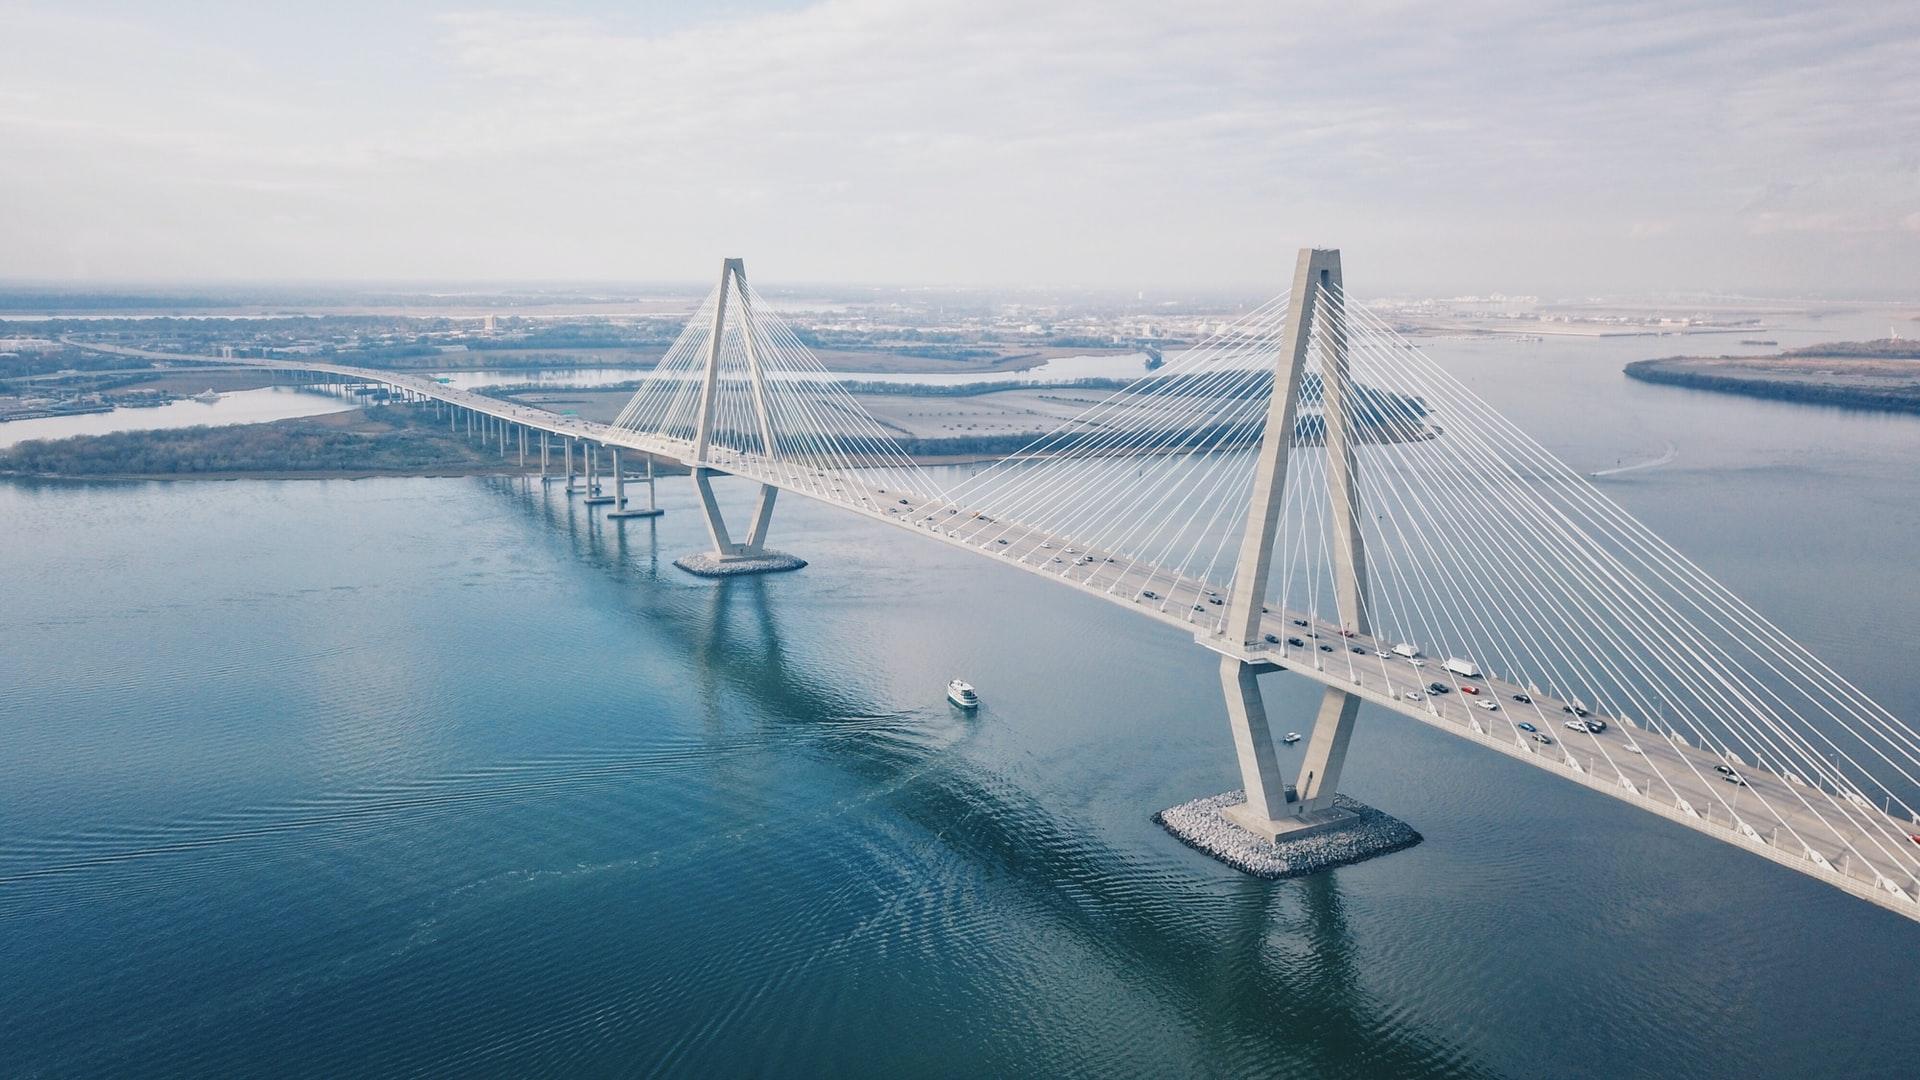 Vista aérea del magnífico puente colgante Arthur Ravenel Jr en Charleston. Una estructura atirantada